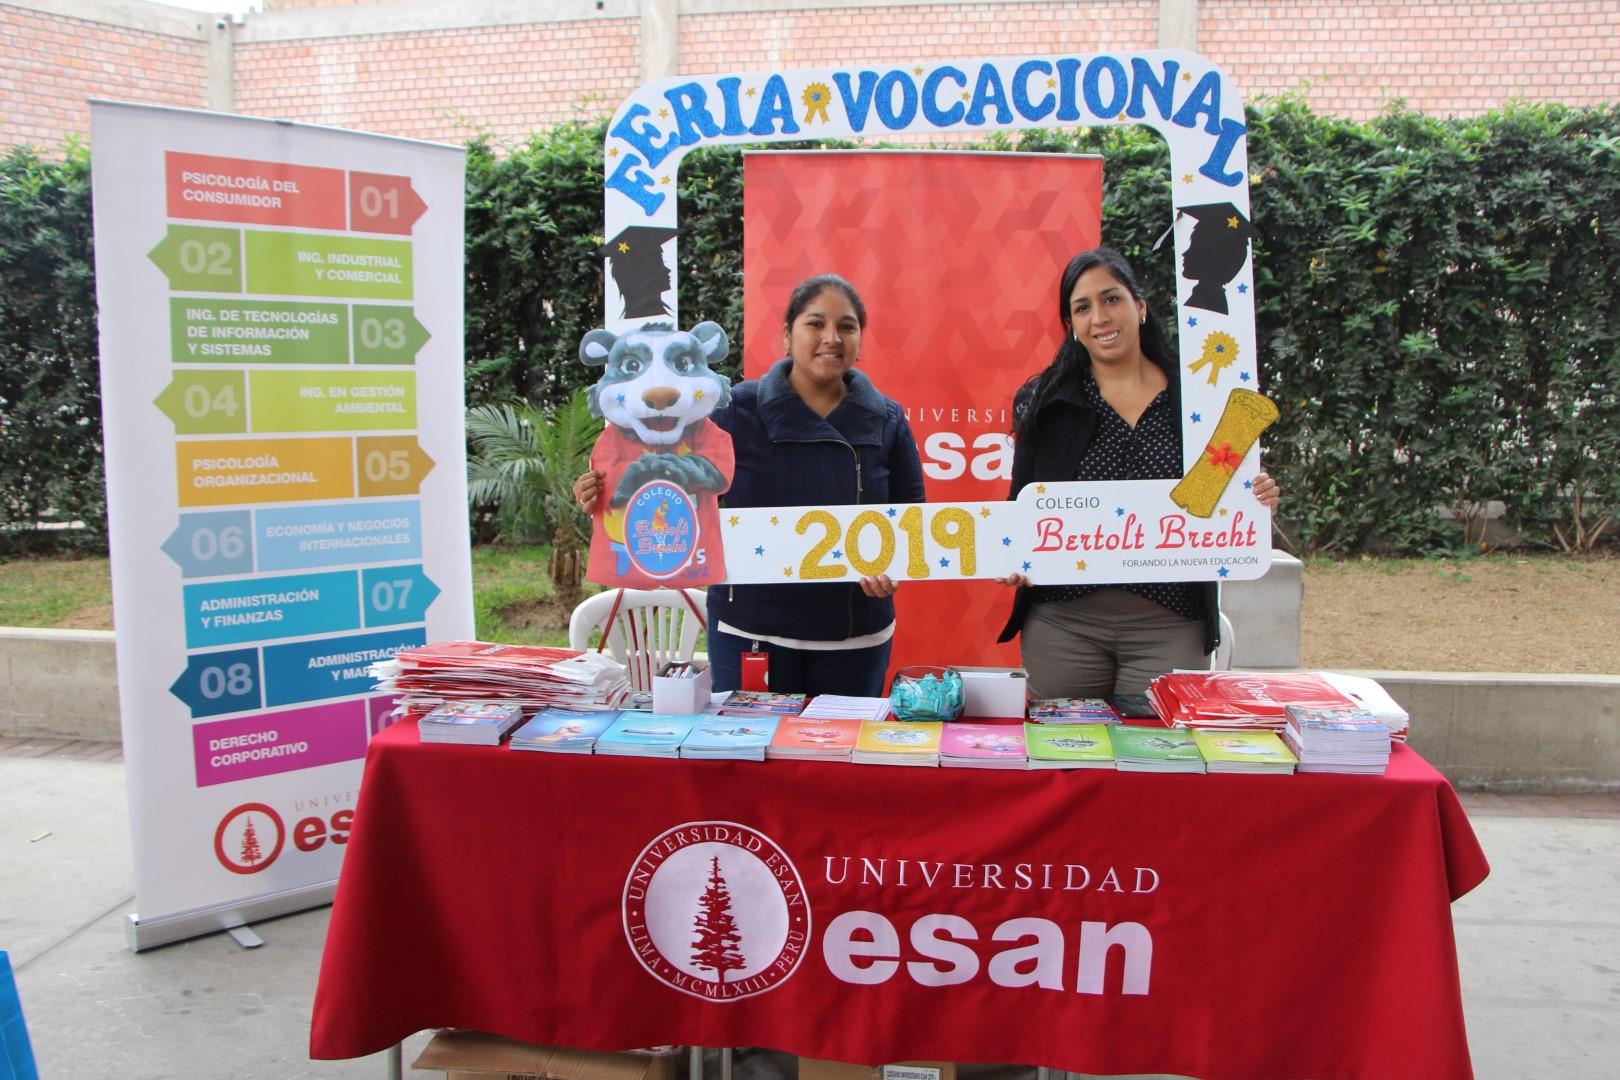 Feria vocacional 2019 (3)